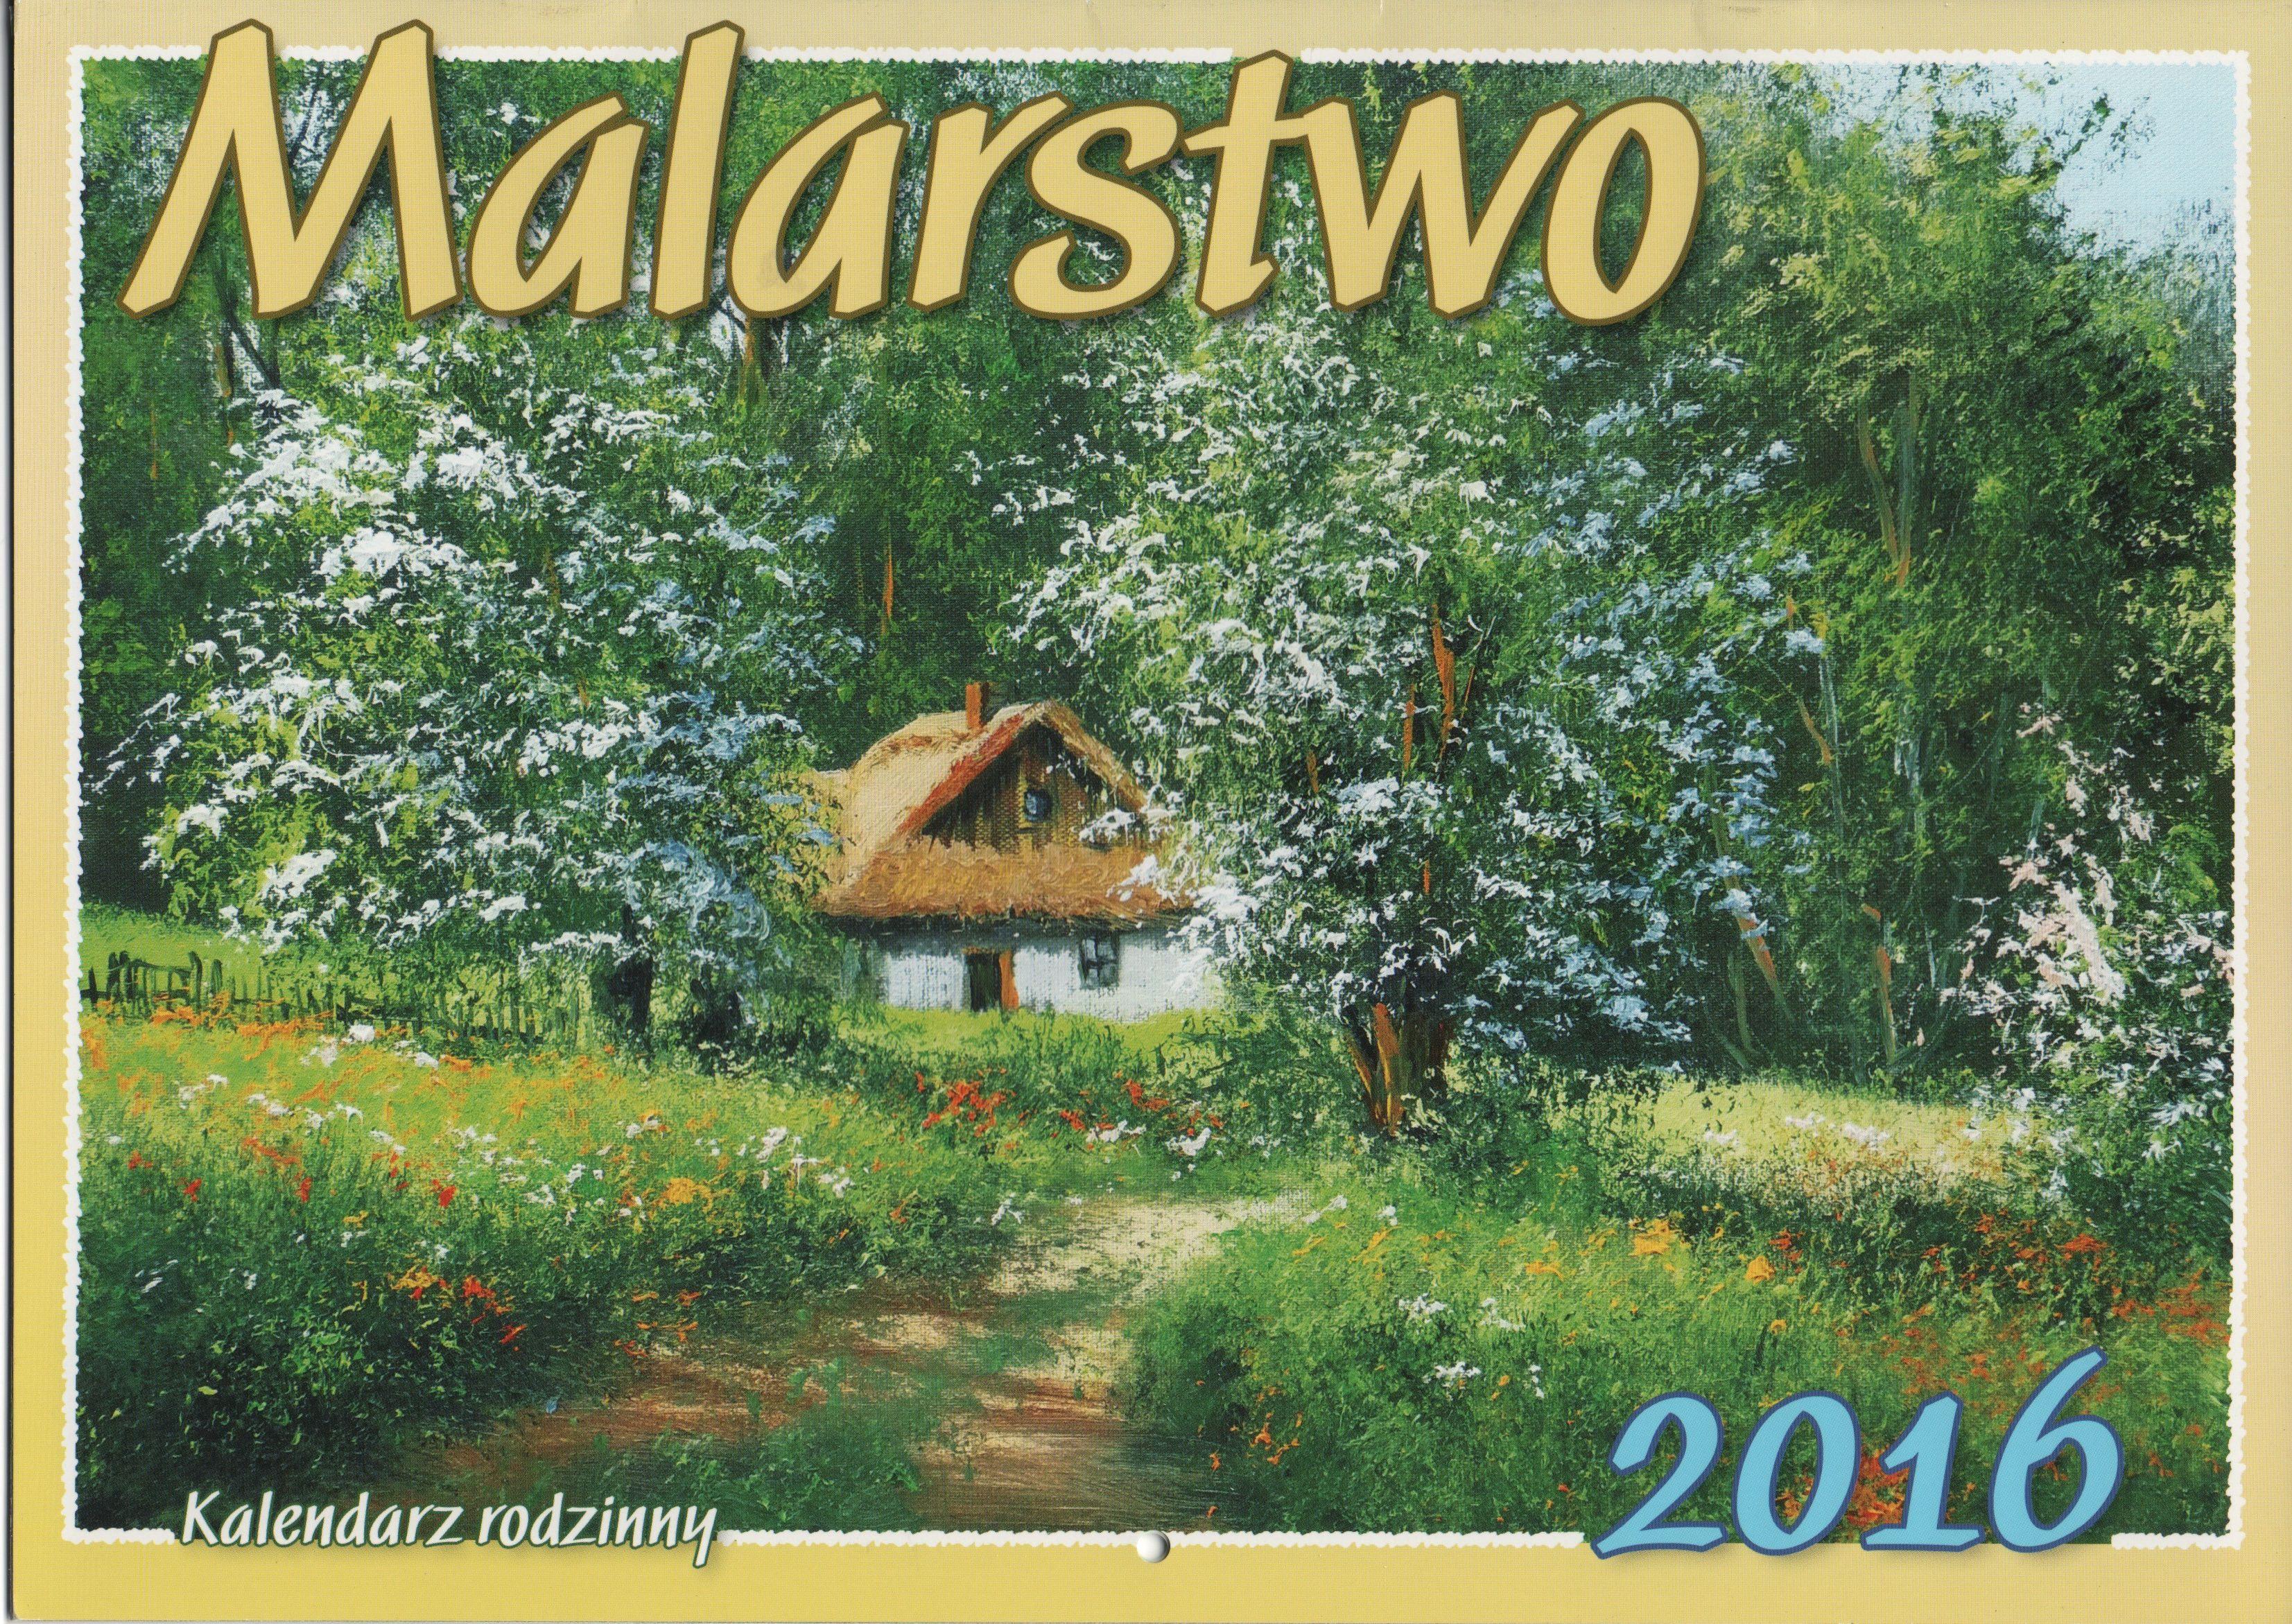 Autorem Obrazow Z Kalendarza Jest Marek Szczepaniak Strona Autora Www Marekszczepaniak Pl Art Painting